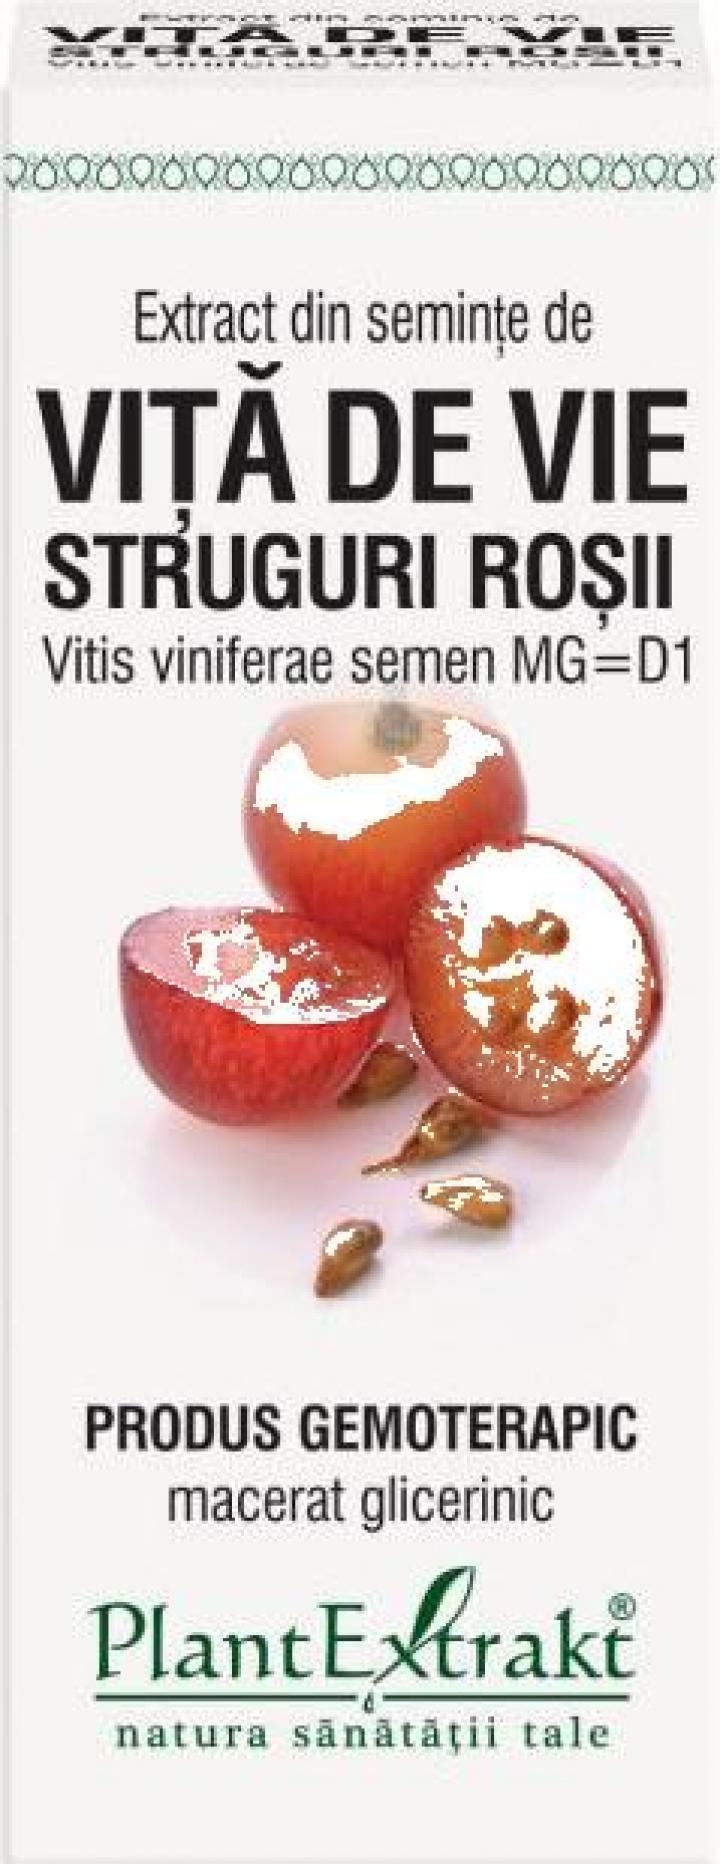 Extract din seminte vita de vie (Vitis Vinifera)